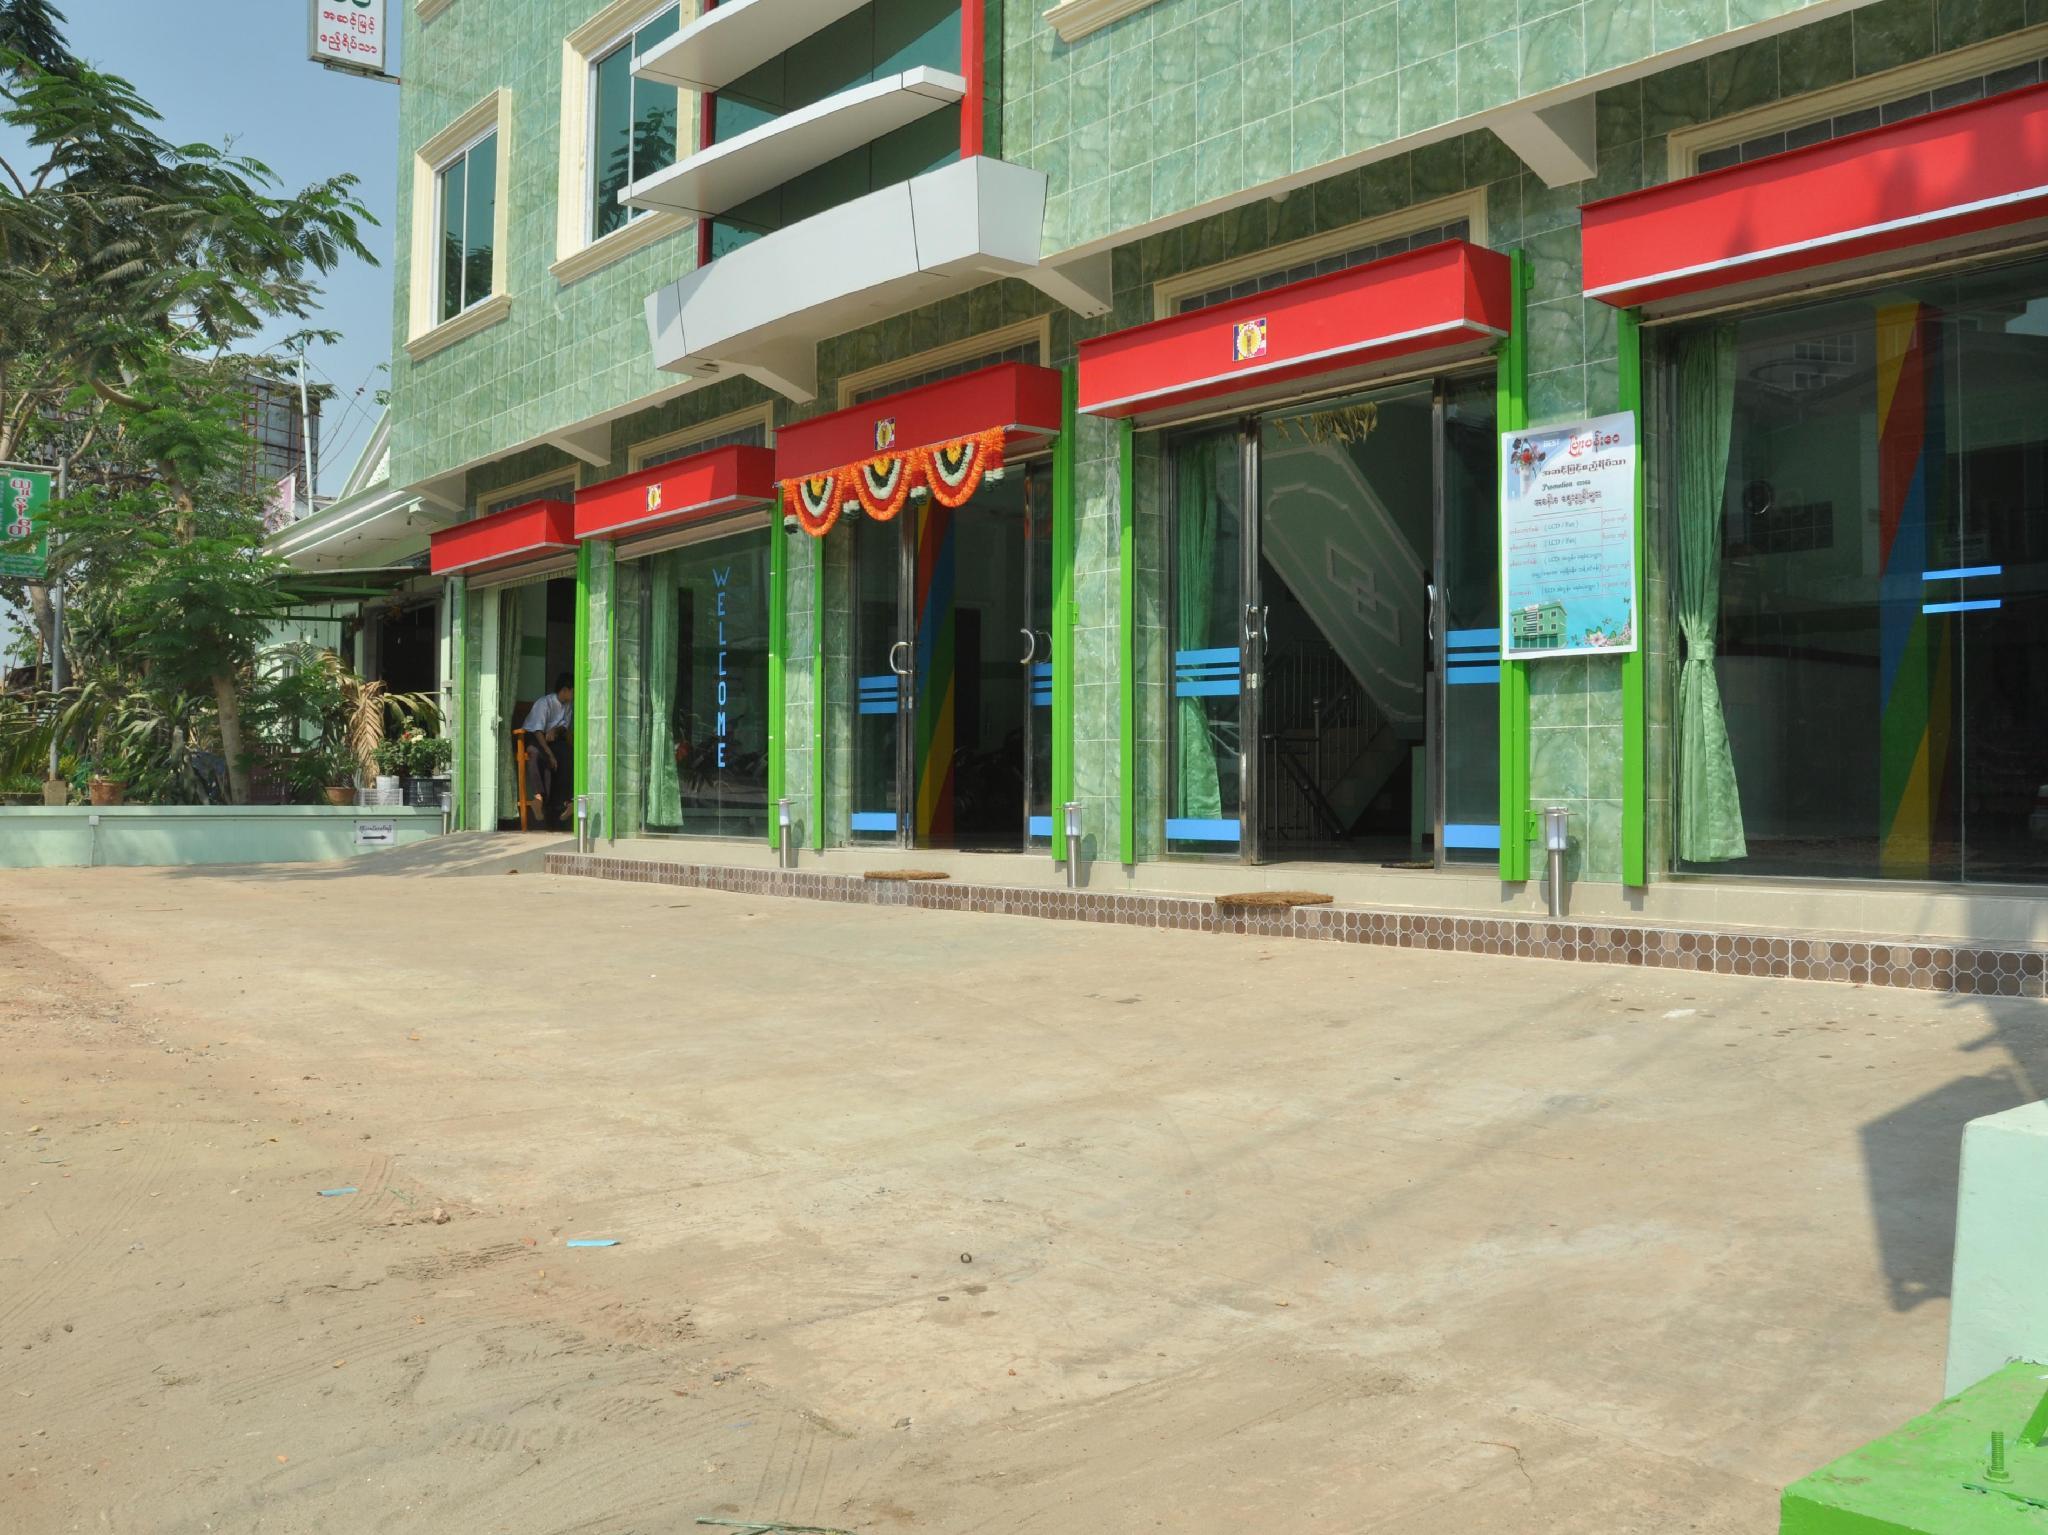 Surface Standard Salle De Bain pyone pann wai standard motel, mawlamyine, myanmar (birmanie